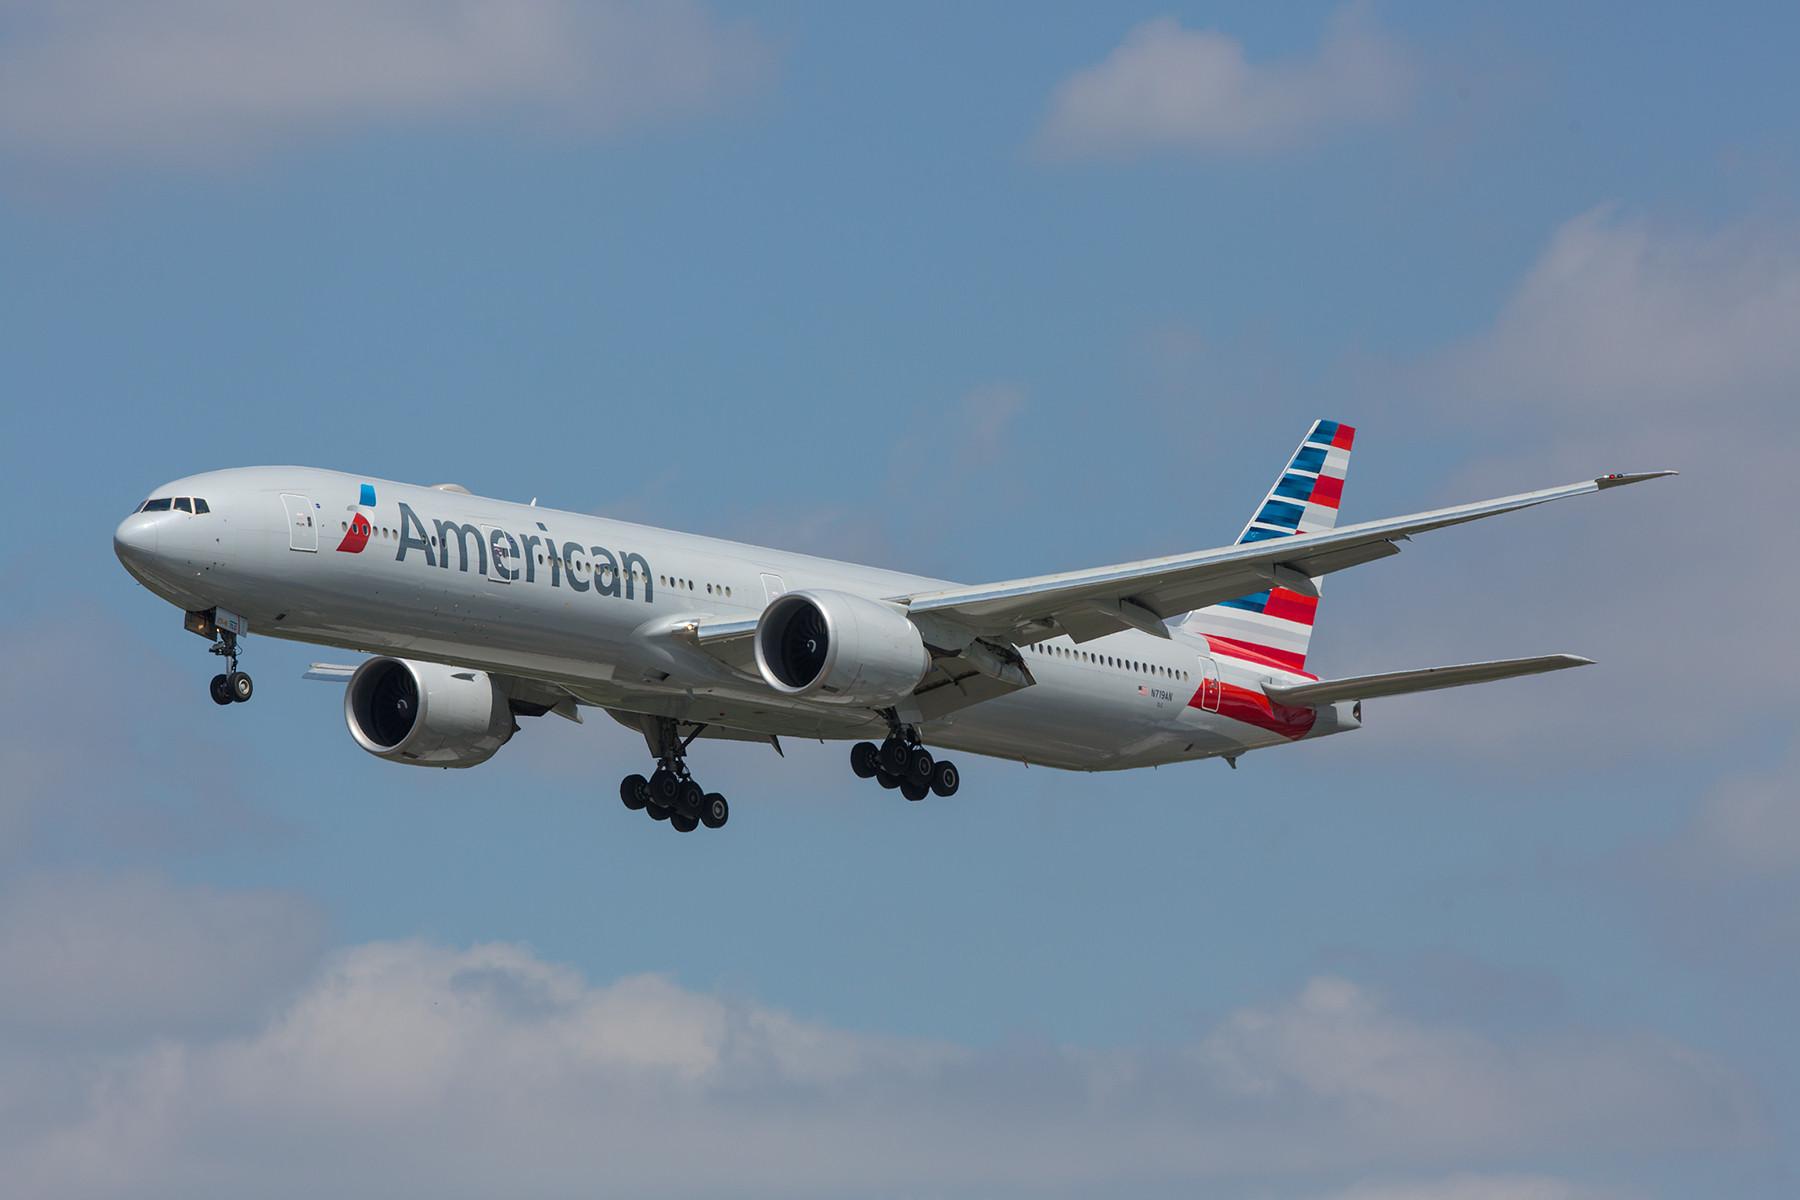 Die Boeing 777-300ER sind erst neu zu American Airlines gekommen und erw2eitern die Langstreckenflotte.